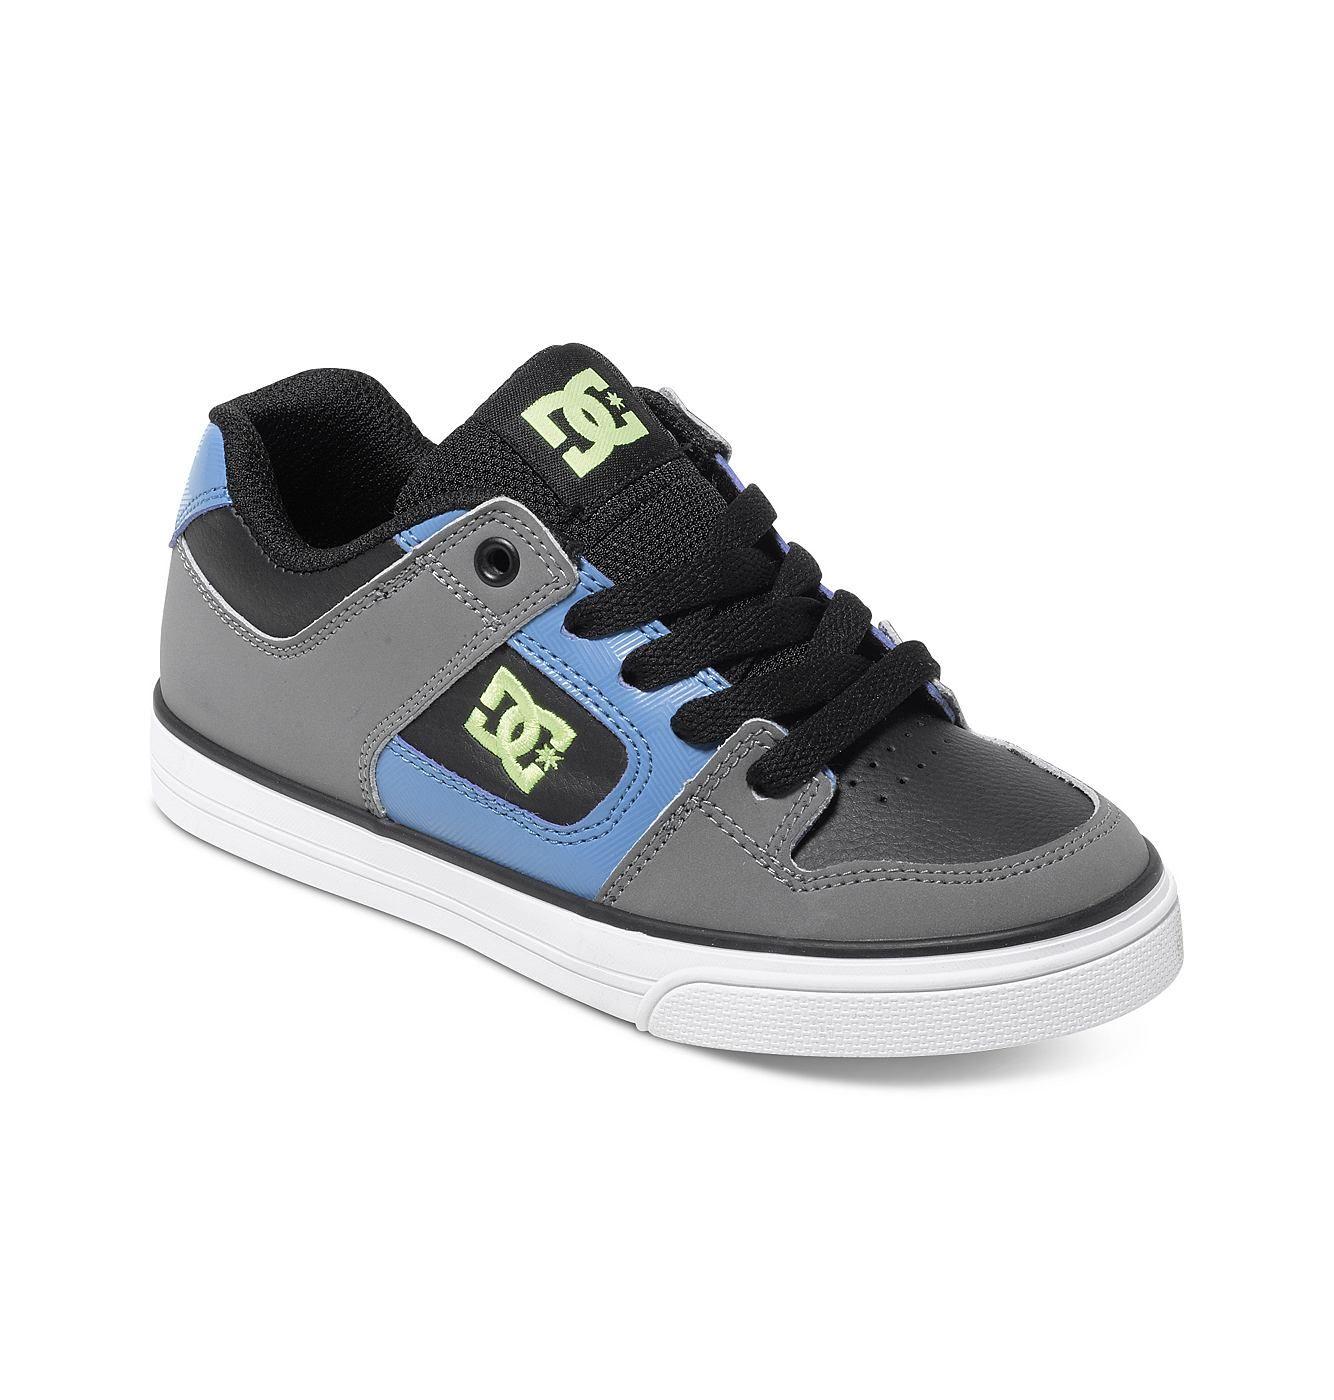 Pure - DC Shoes Low Top Schuhe für Jungen  Pure Low Top Schuhe von DC Shoes. Die Eigenschaften dieses Produkts sind: Low Top Schuhe, Zehenkappen-Overlay für besondere Strapazierfähigkeit und gepolsterter Einstieg und Zunge für extra Komfort. Dieses Produkt besteht aus: Obermaterial: Leder/Innenfutter: Textil/Außensohle: Gummi.  Merkmale:  Low Top Schuhe, Zehenkappen-Overlay für besondere Strapa...